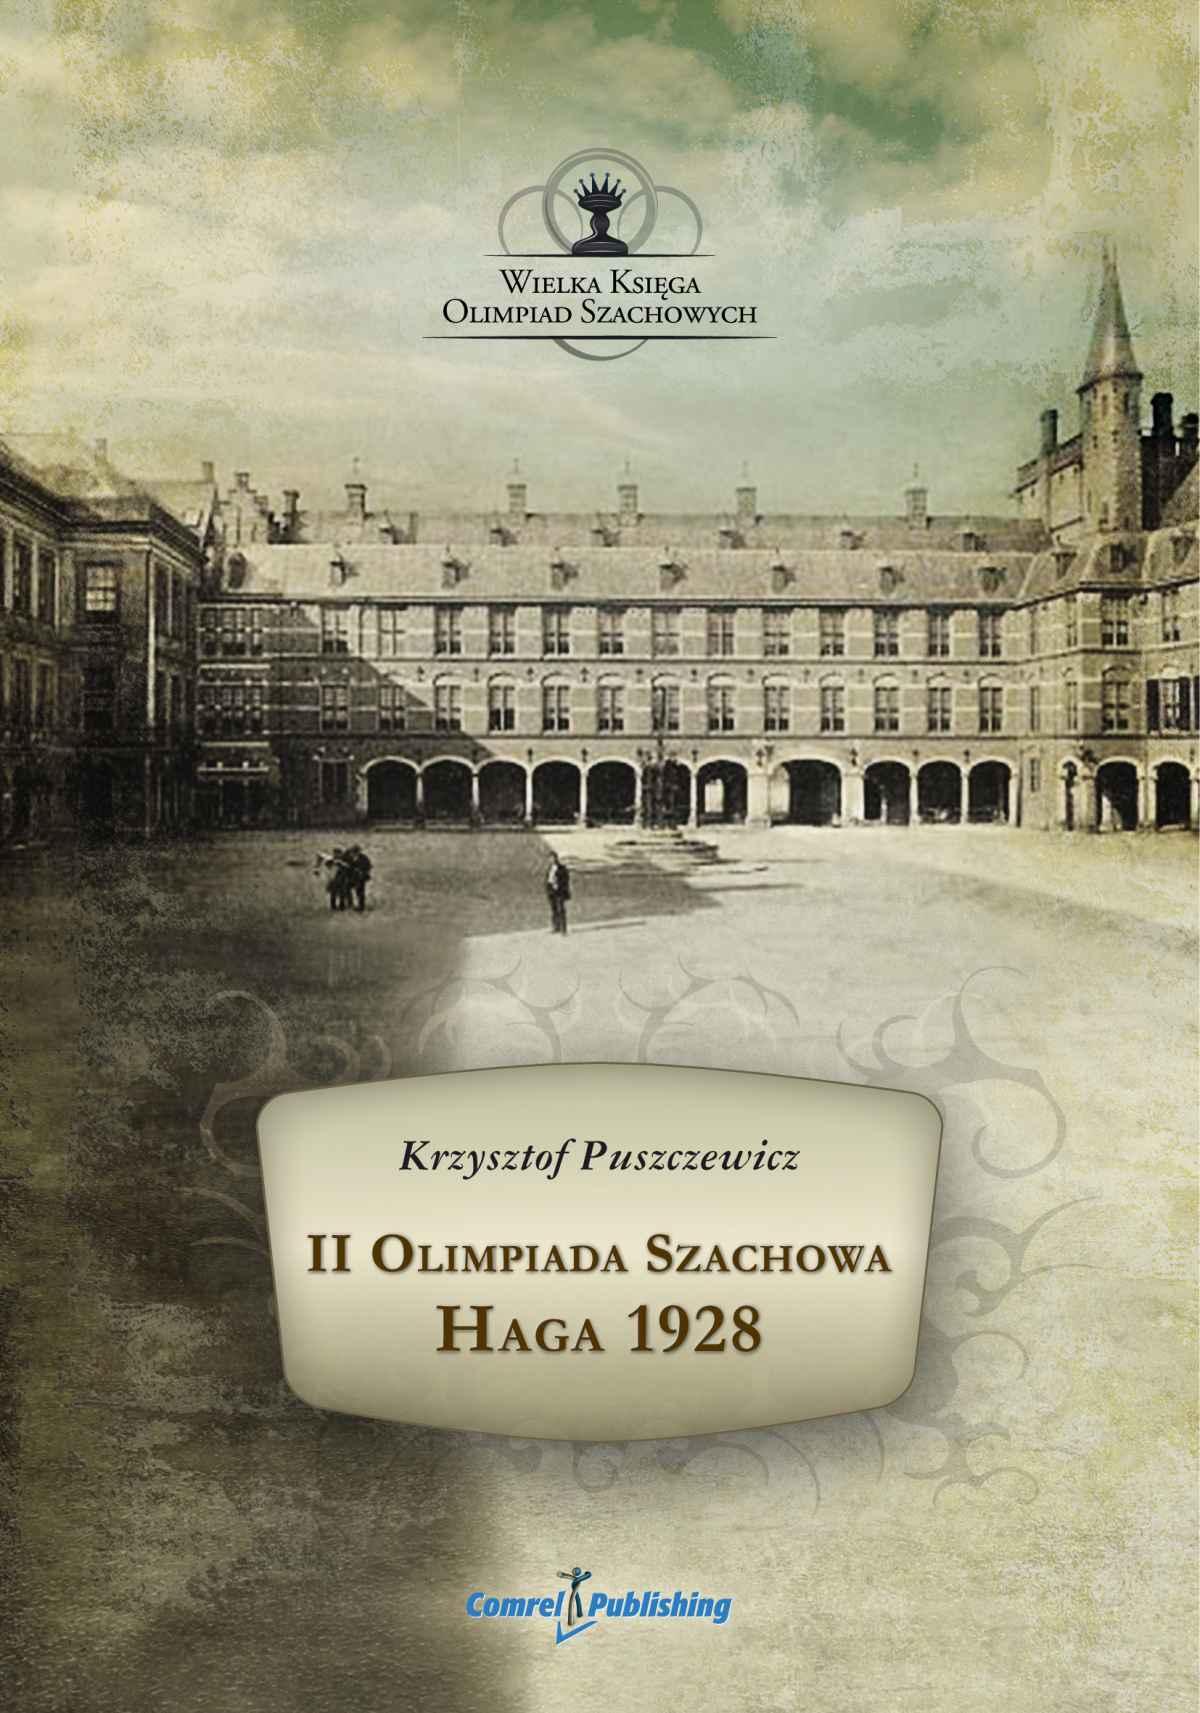 II Olimpiada Szachowa - Haga 1928 - Ebook (Książka EPUB) do pobrania w formacie EPUB